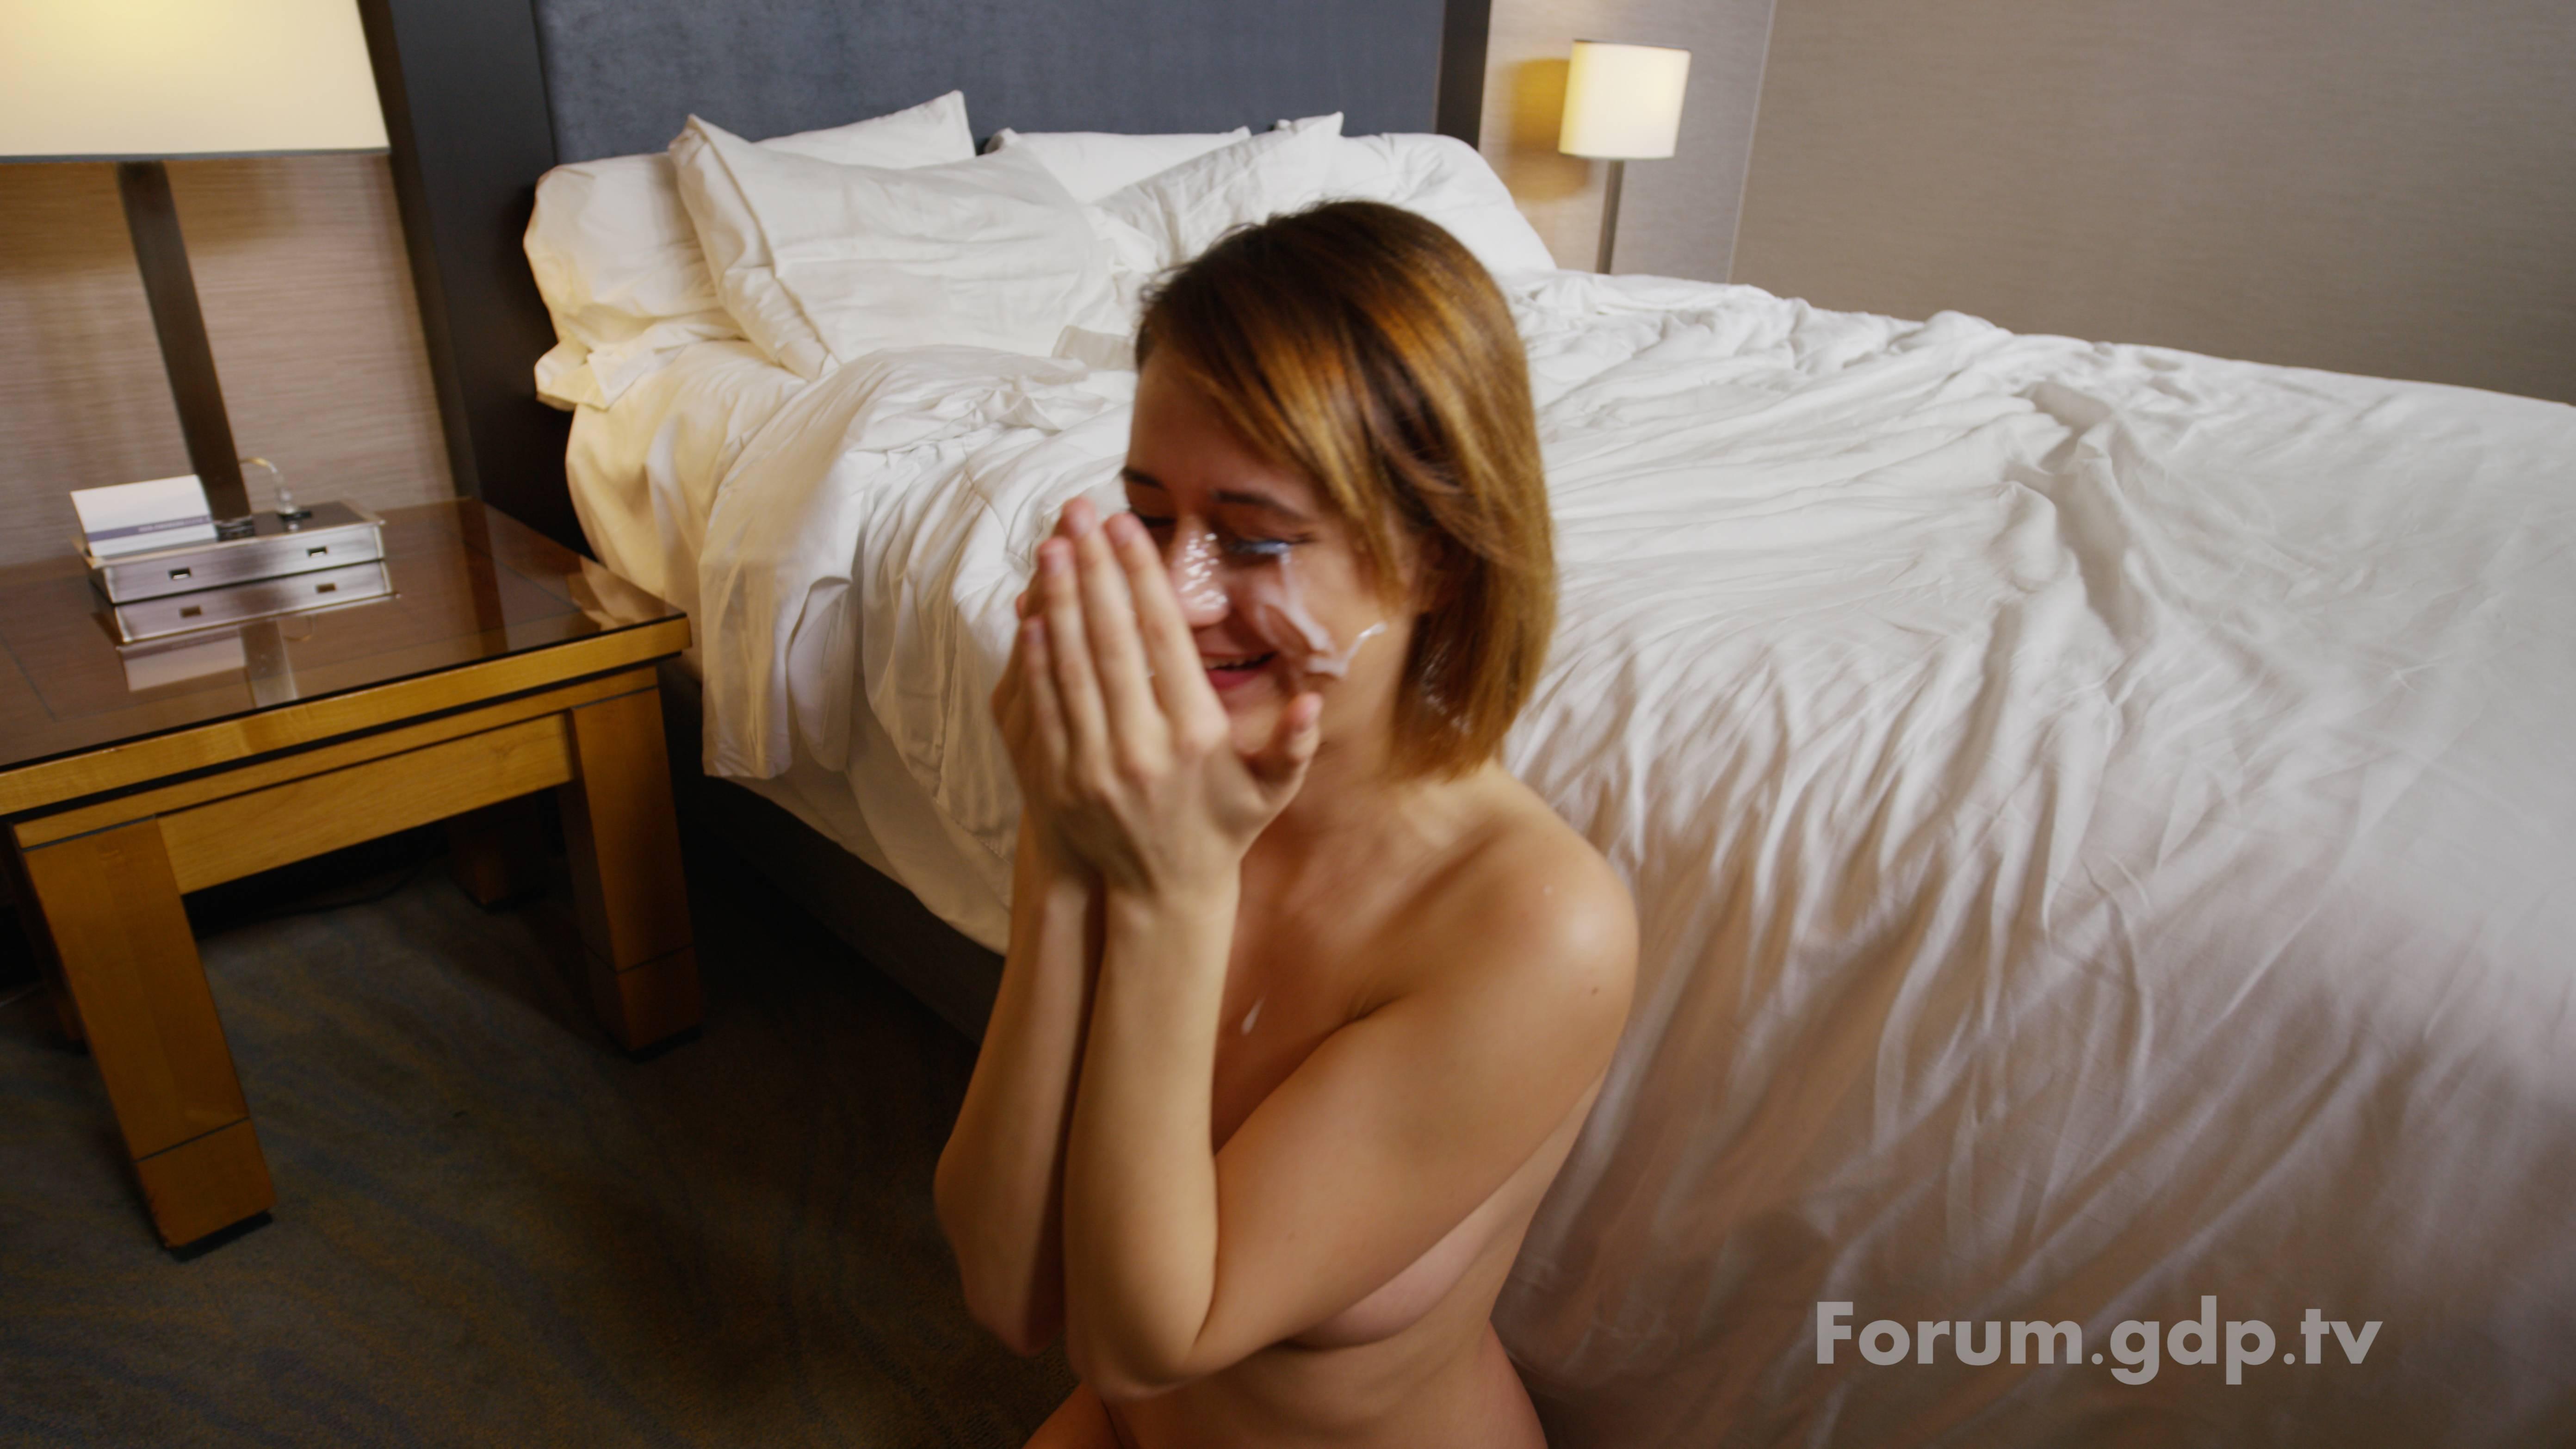 Cote de pablo porn fuck nude